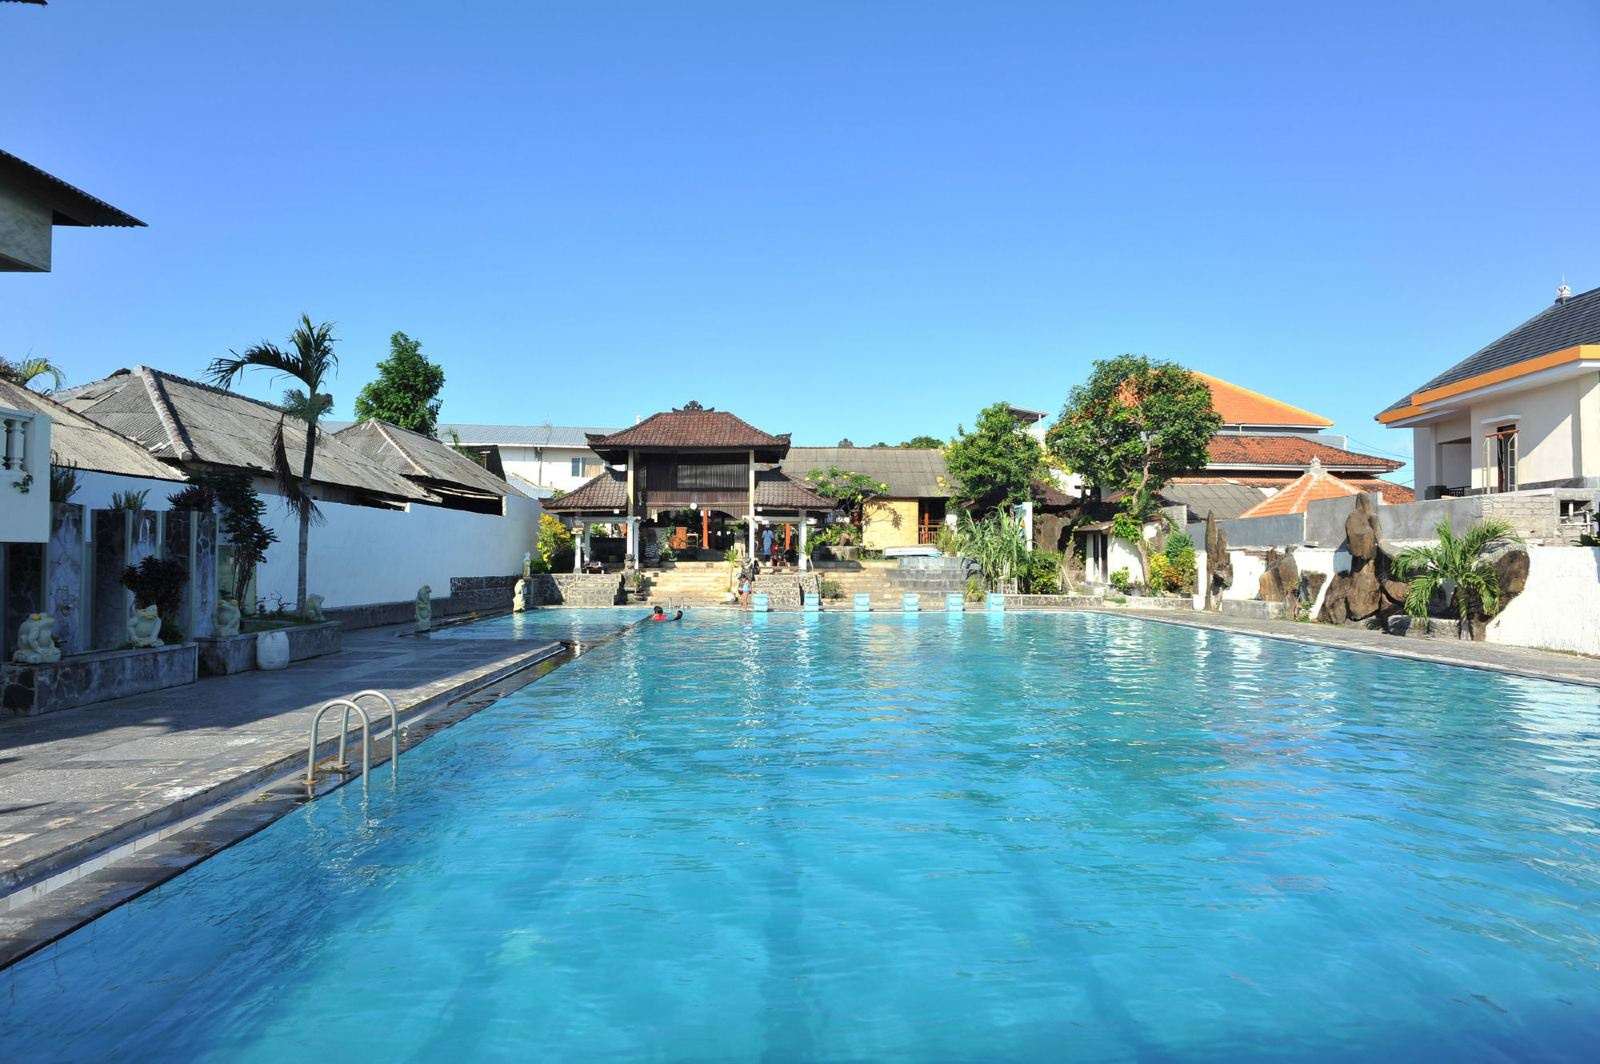 艾里巴厘岛丹帕沙乌大拉科寇克罗米诺托 56 号酒店